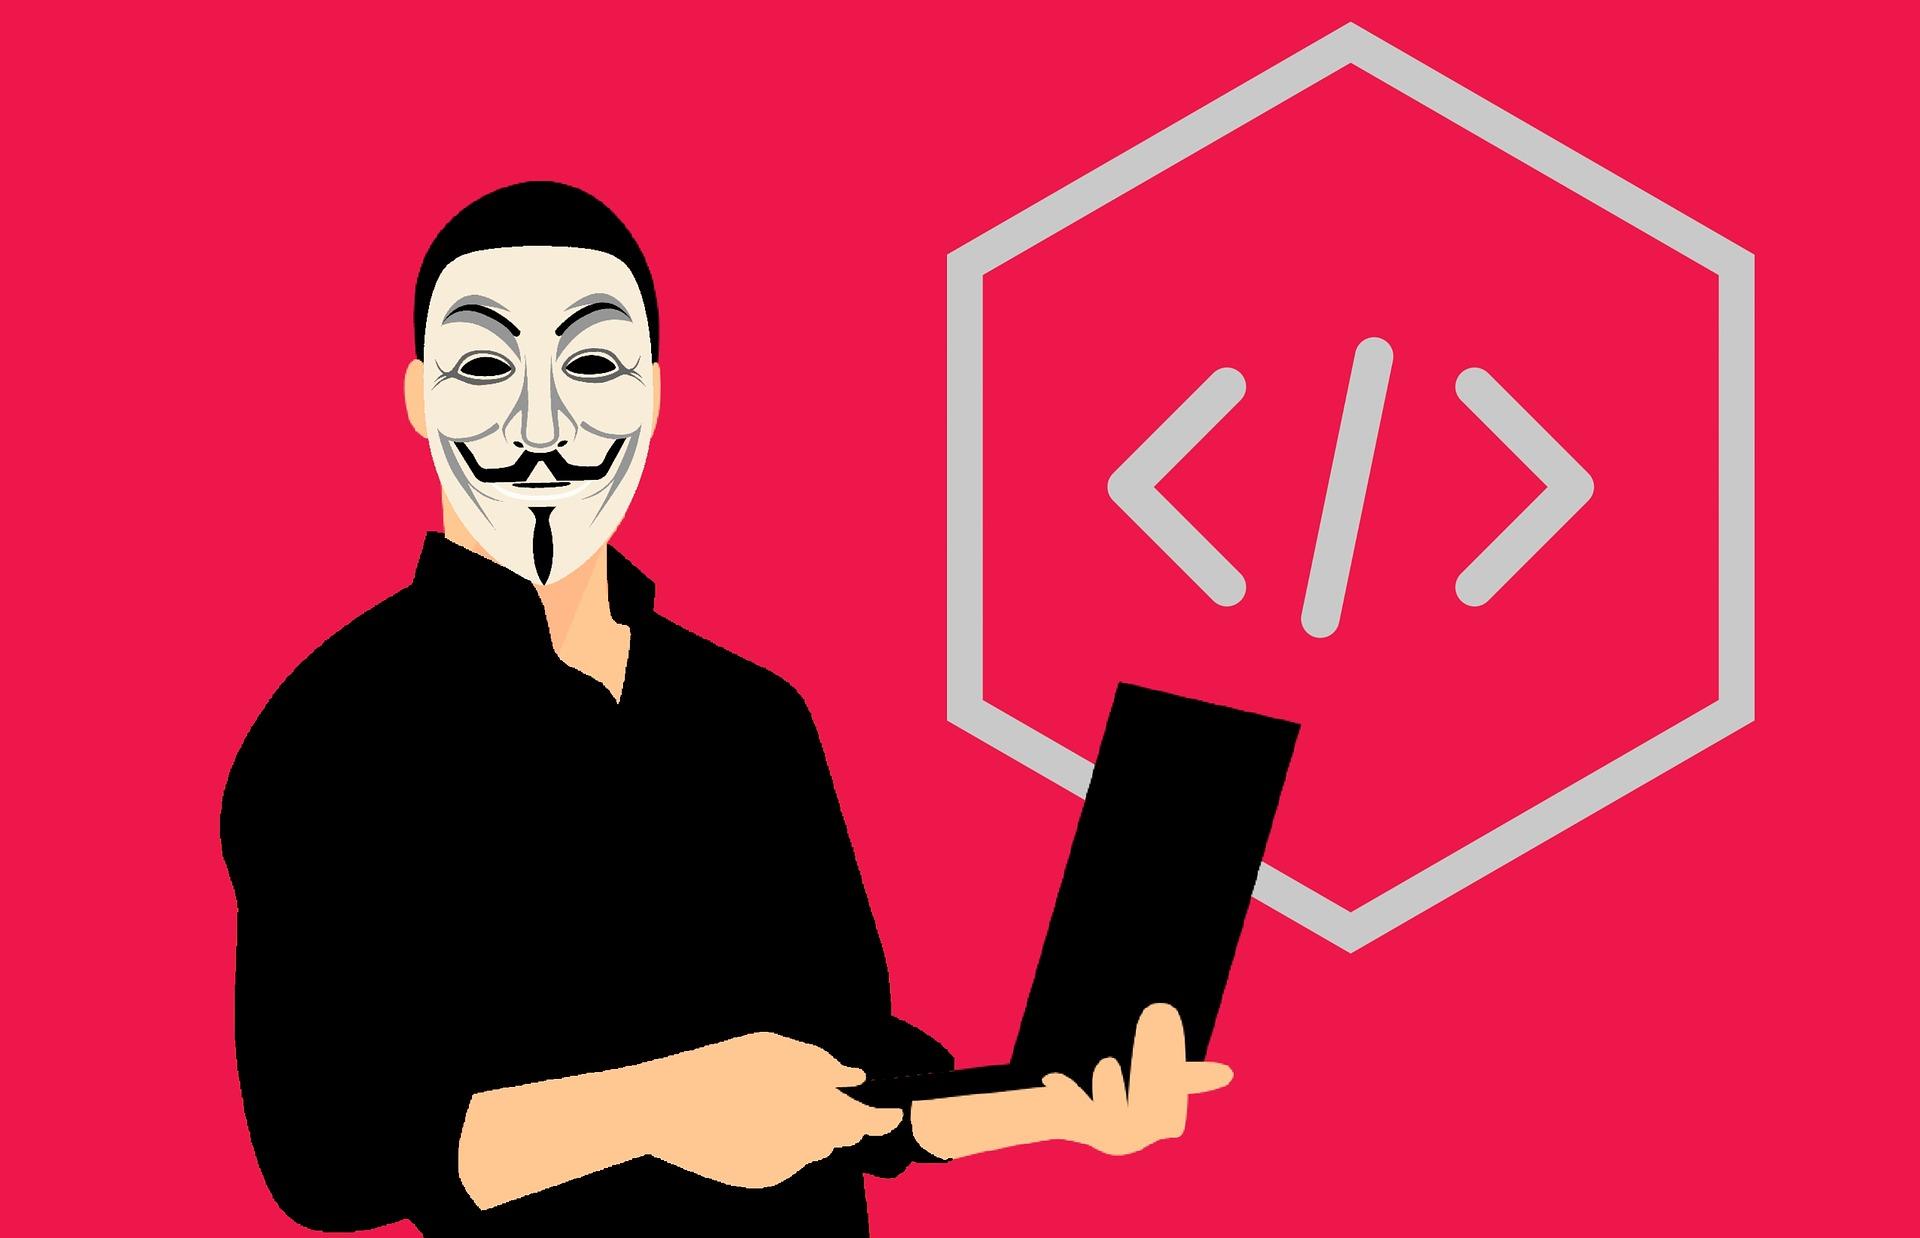 Софтуерът VPNFilter, който е заразил 500 000 машини, е по-опасен, отколкото смятахме.